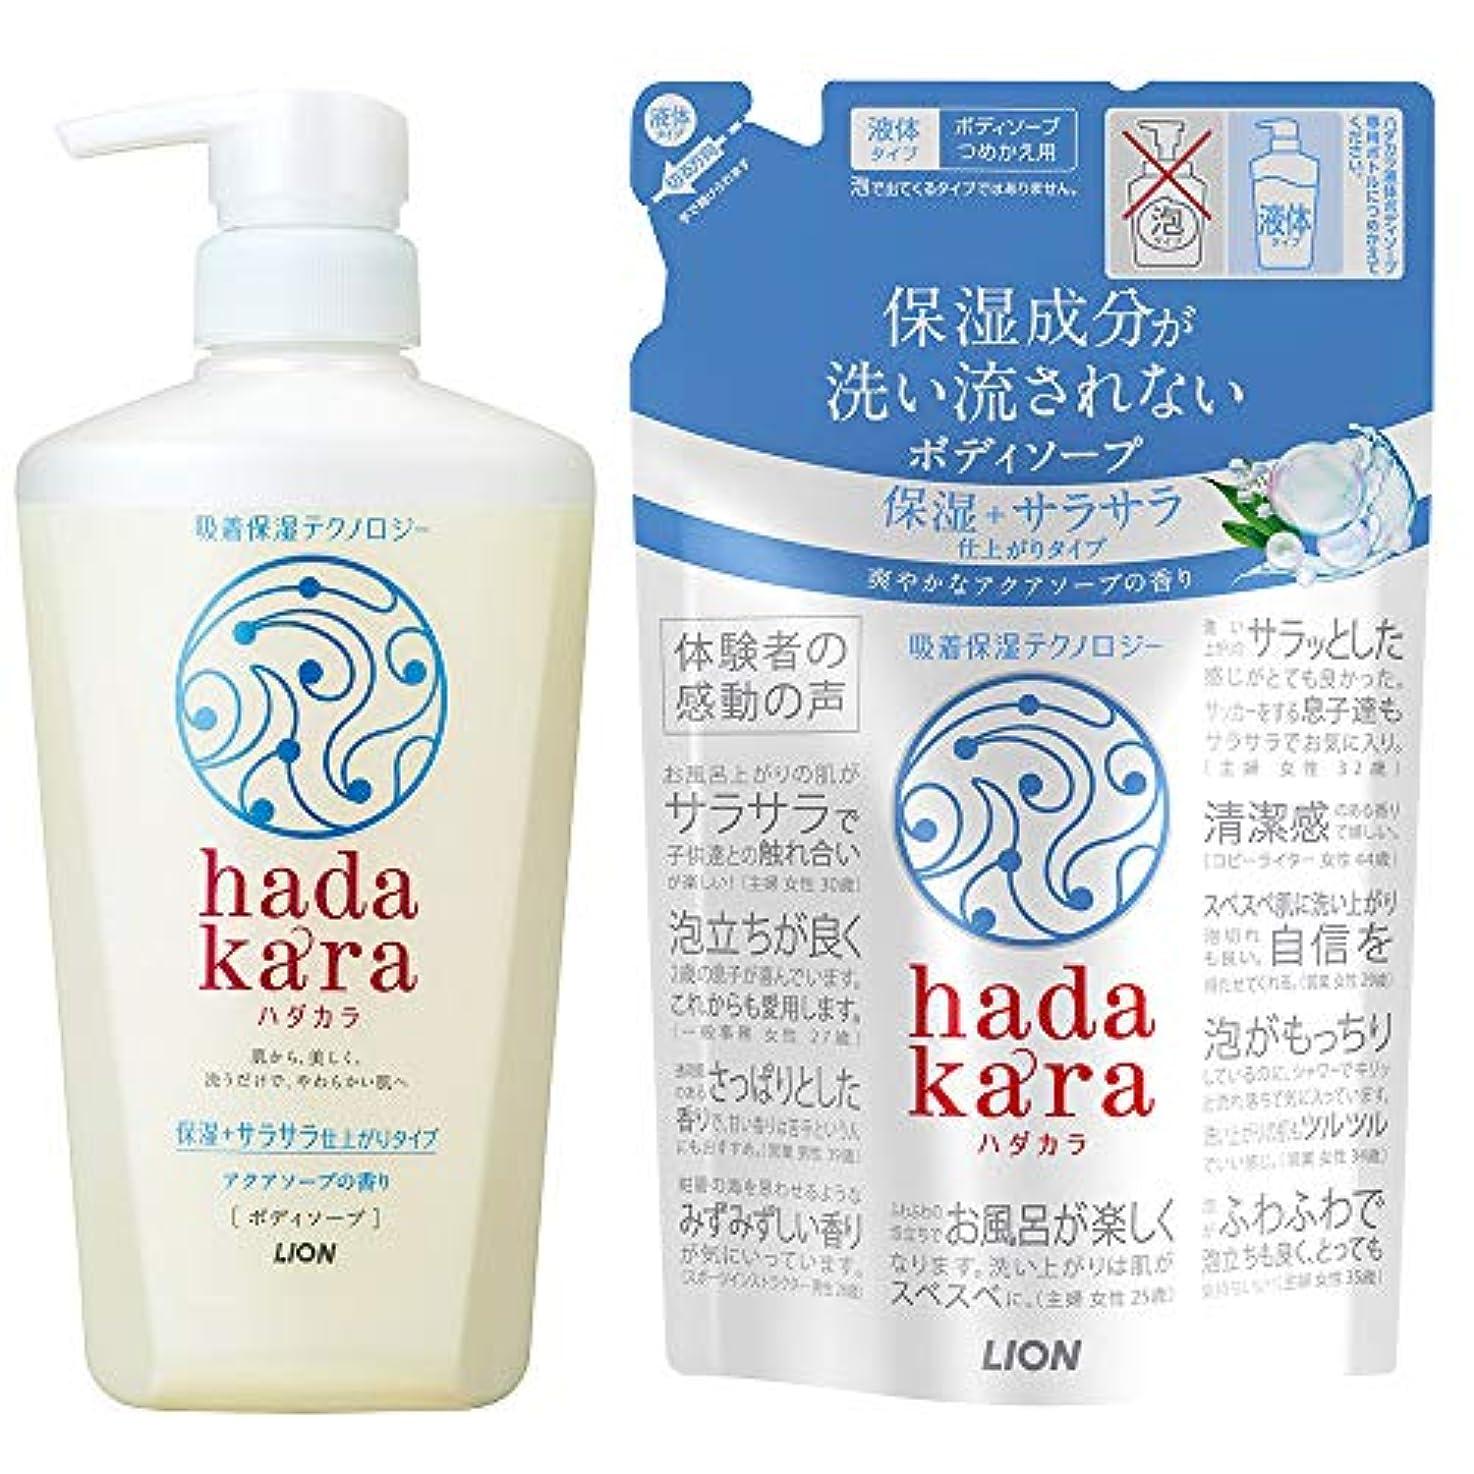 シール流行している以前はhadakara(ハダカラ) ボディソープ 保湿+サラサラ仕上がりタイプ アクアソープの香り (本体480ml+つめかえ340ml) アクアソープ(保湿+サラサラ仕上がり) +